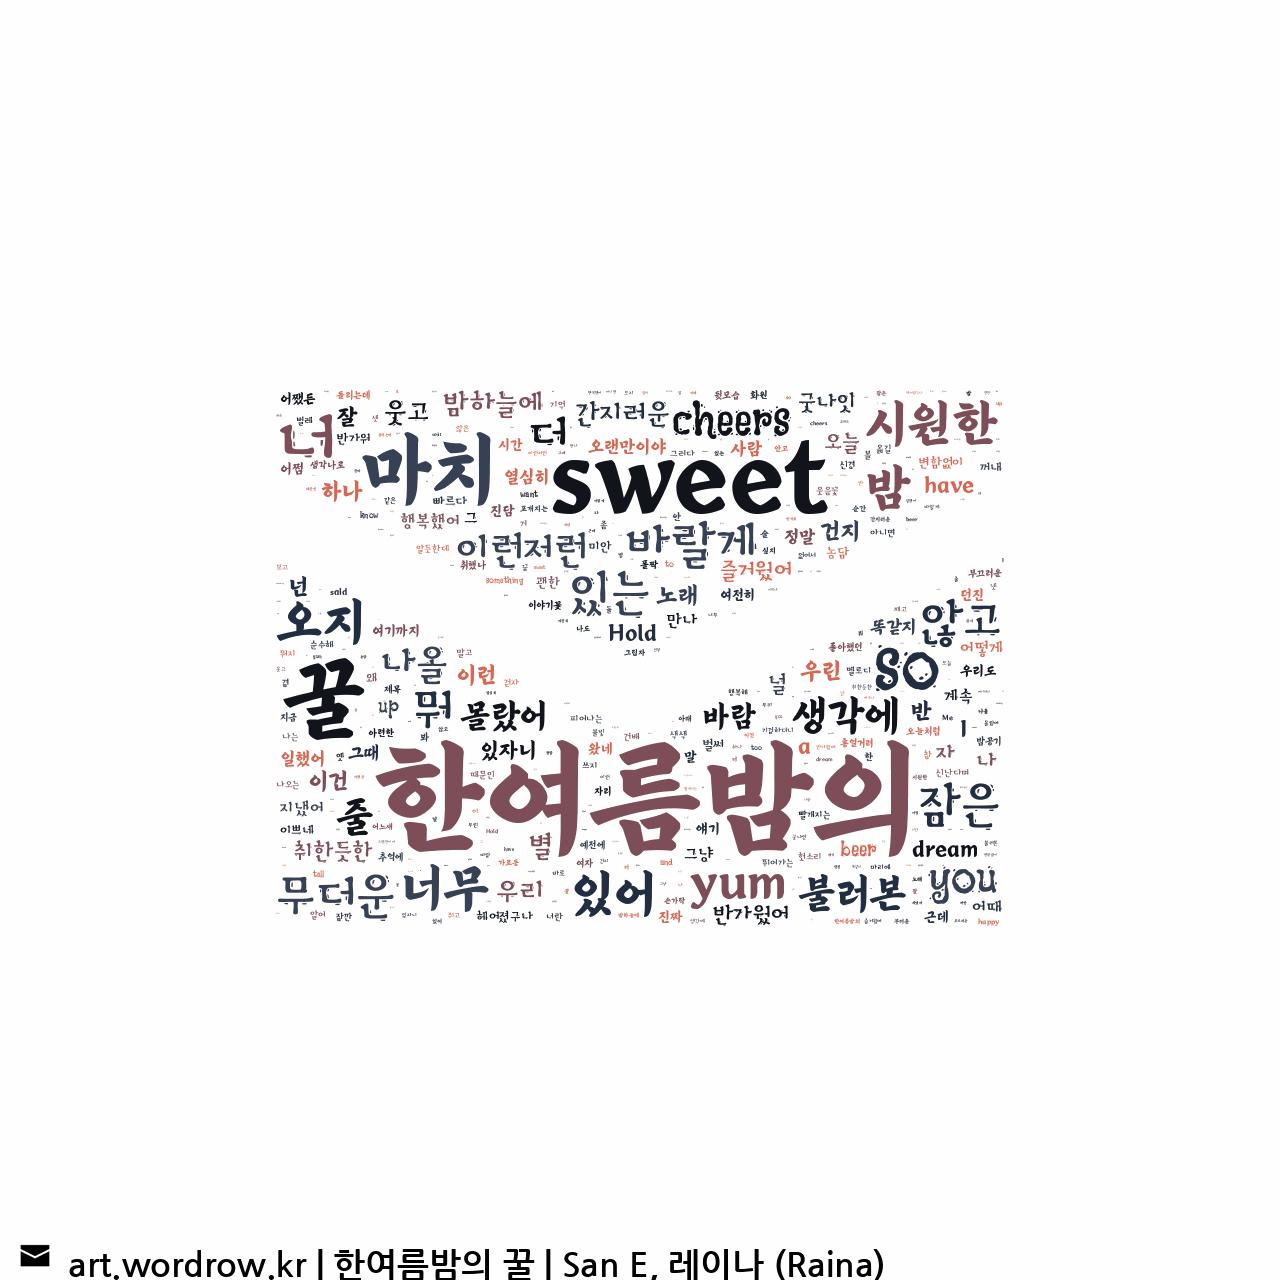 워드 클라우드: 한여름밤의 꿀 [San E, 레이나 (Raina)]-61